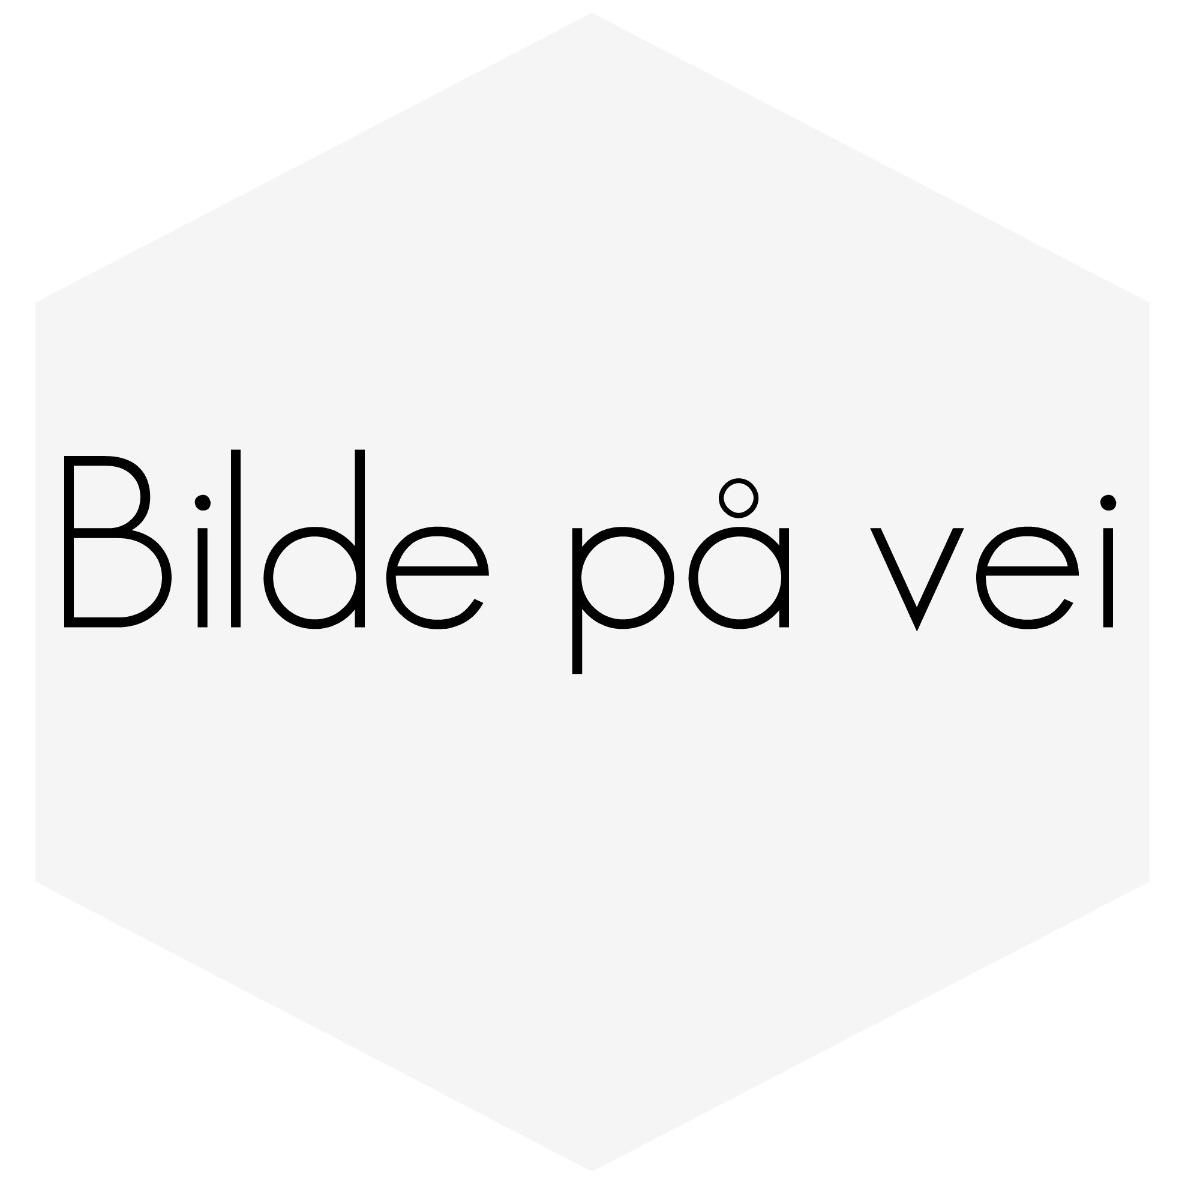 OLJE UTSKILLER 850  DIV 20VENTILER 91-96  9146756